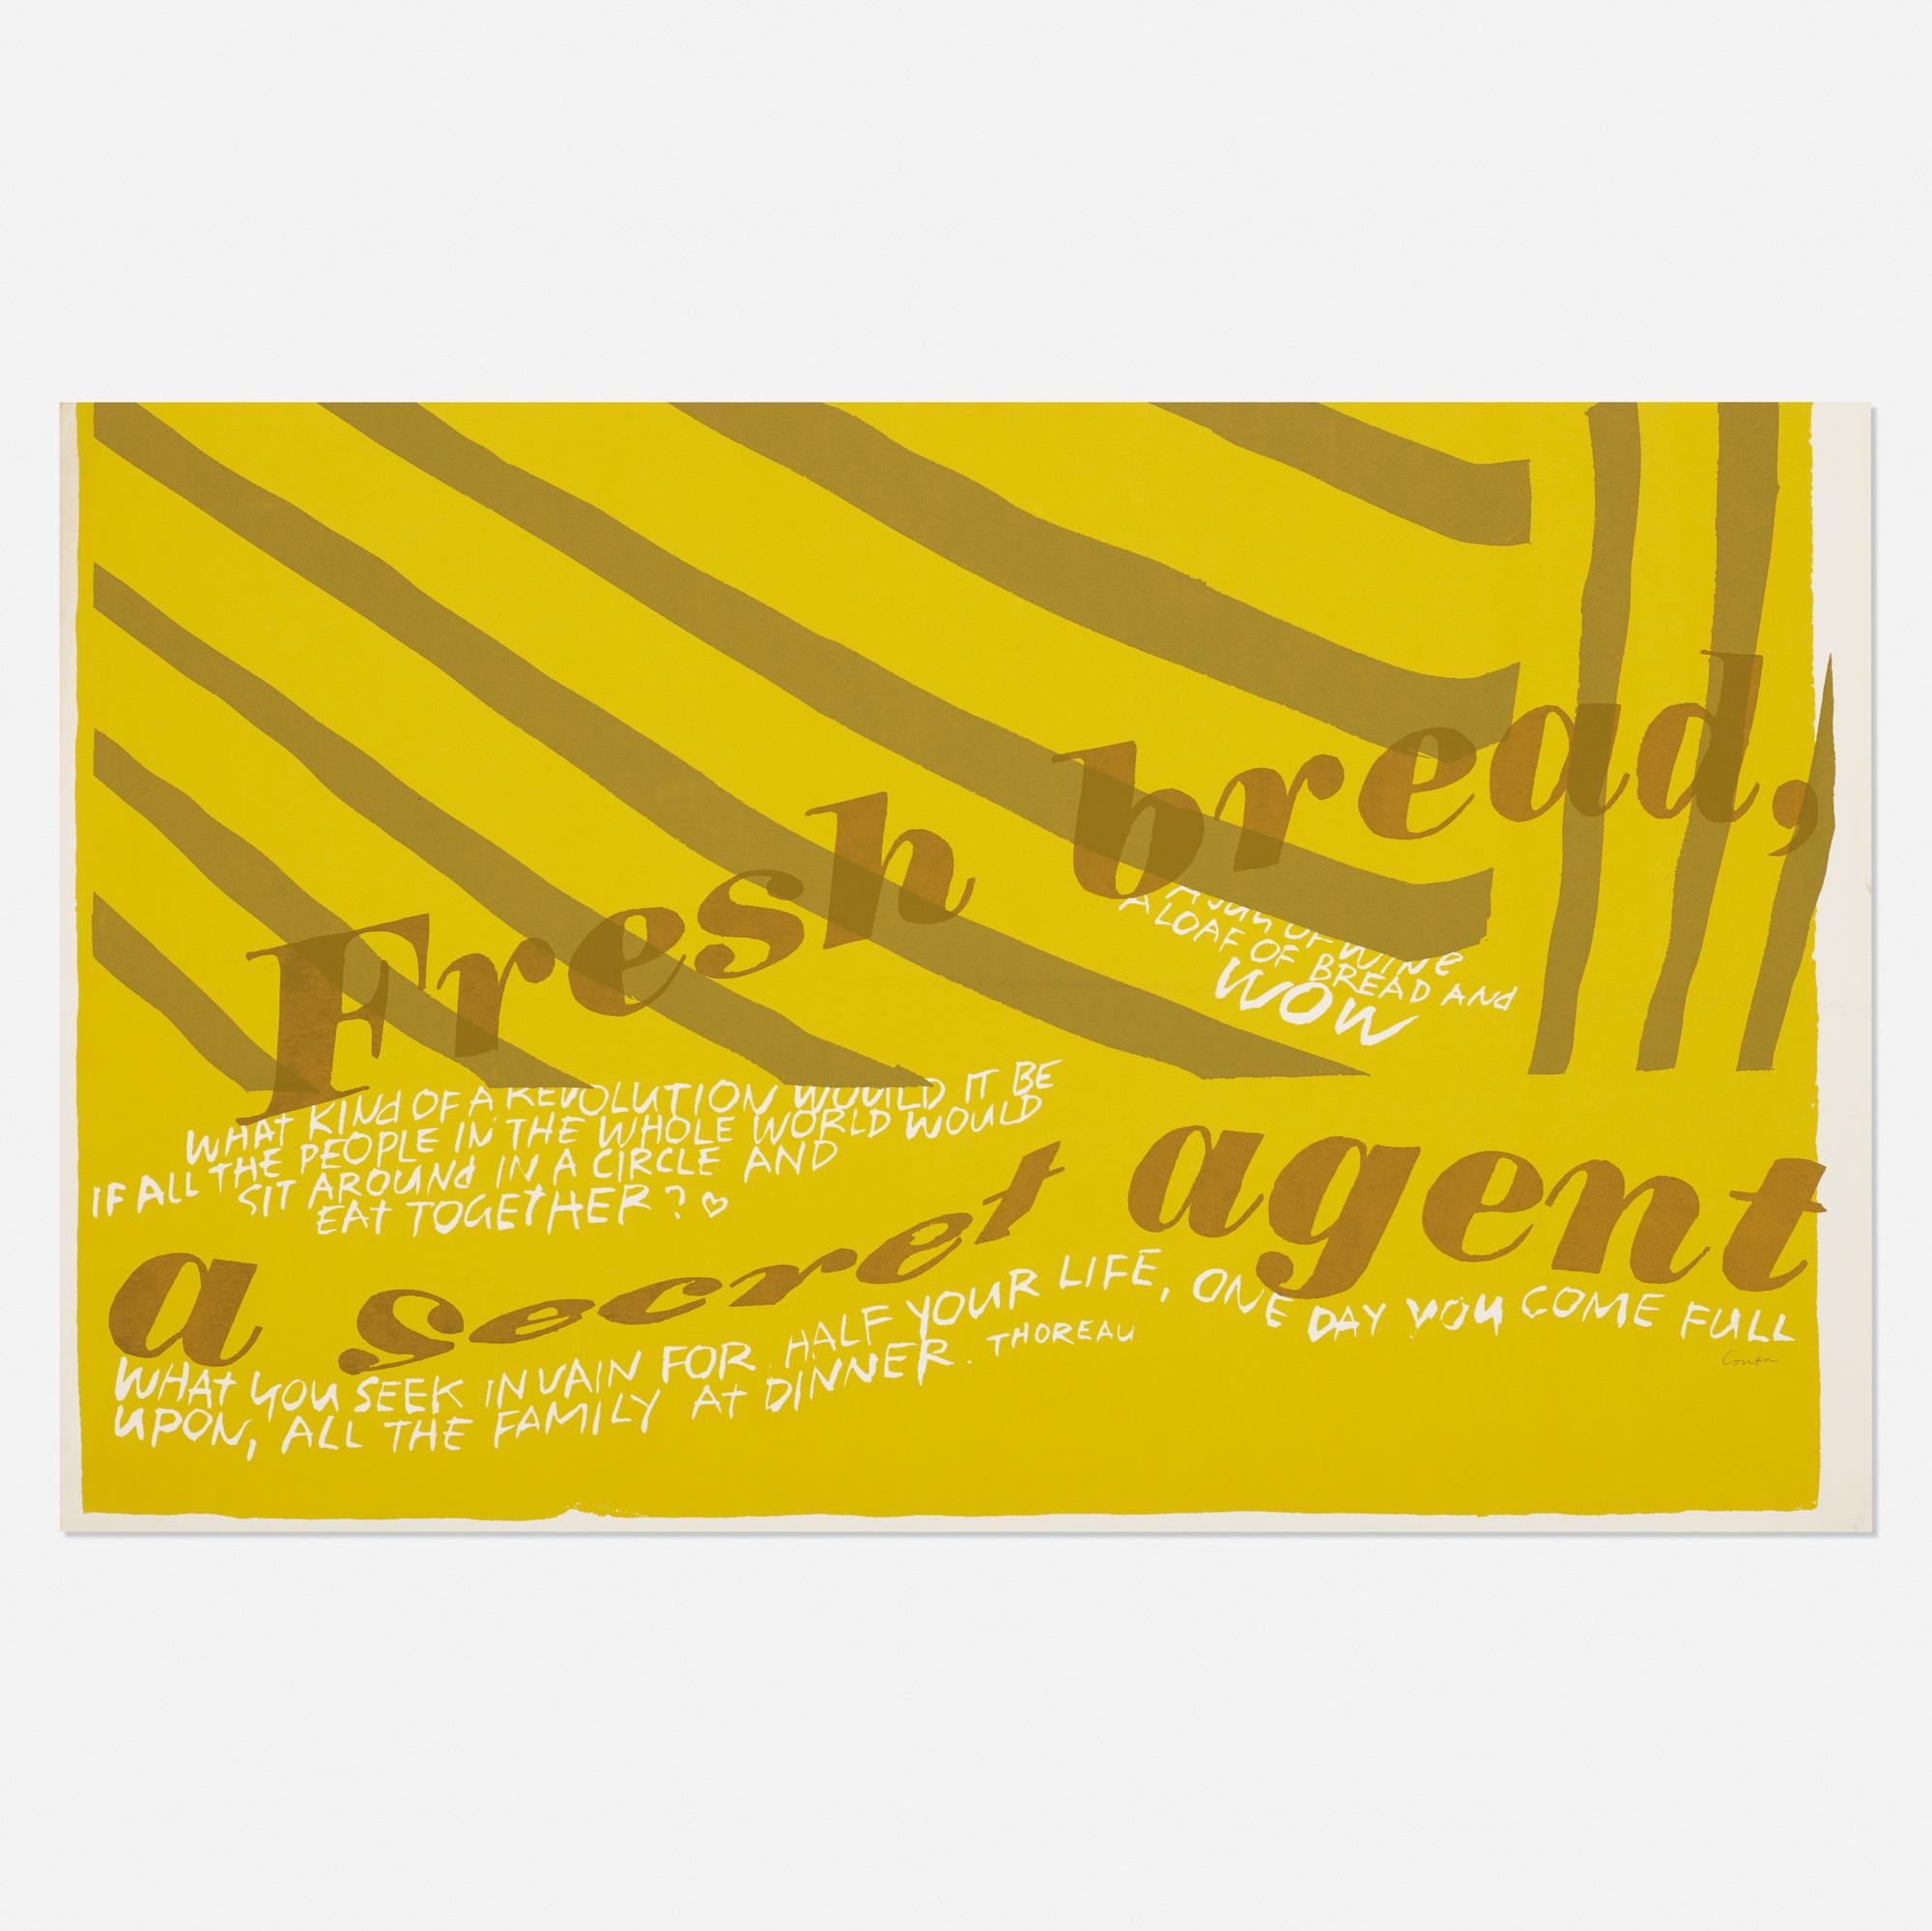 249: CORITA KENT (SISTER MARY CORITA), fresh bread < Art +